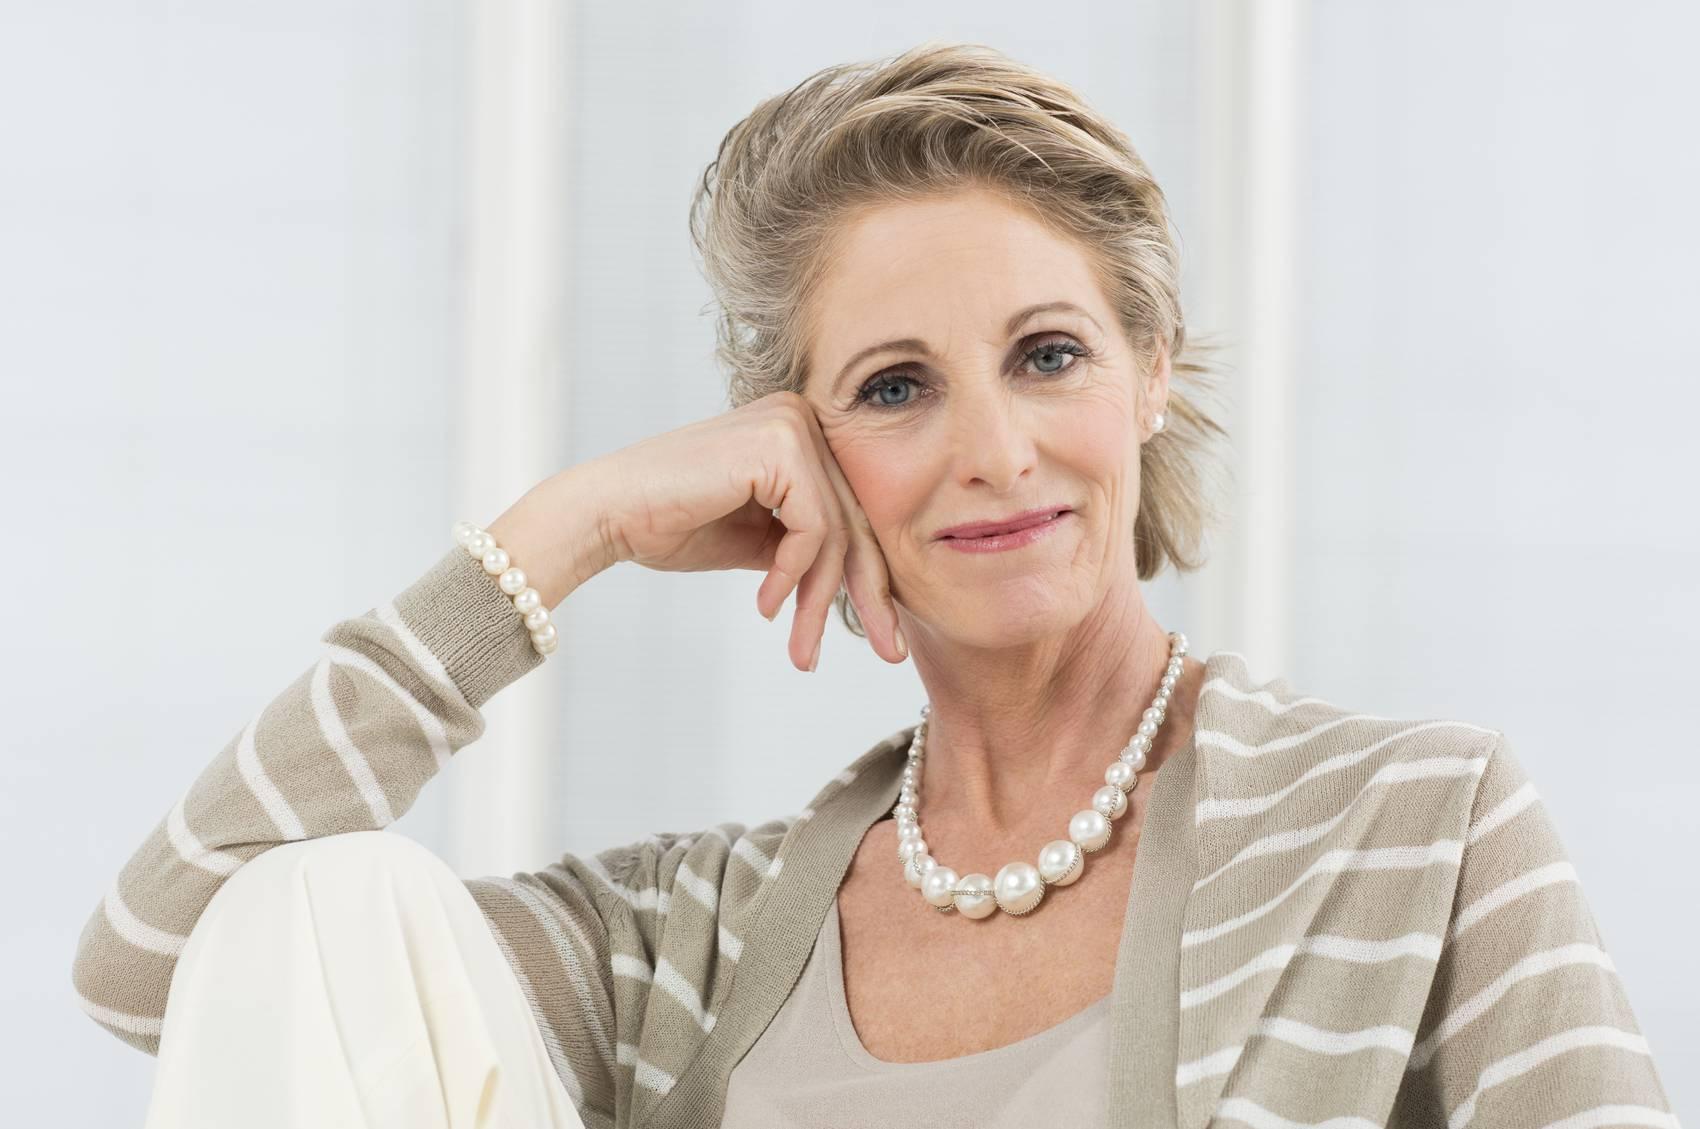 Diete Per Perdere Peso In Menopausa : Dieta dimagrante durante la menopausa